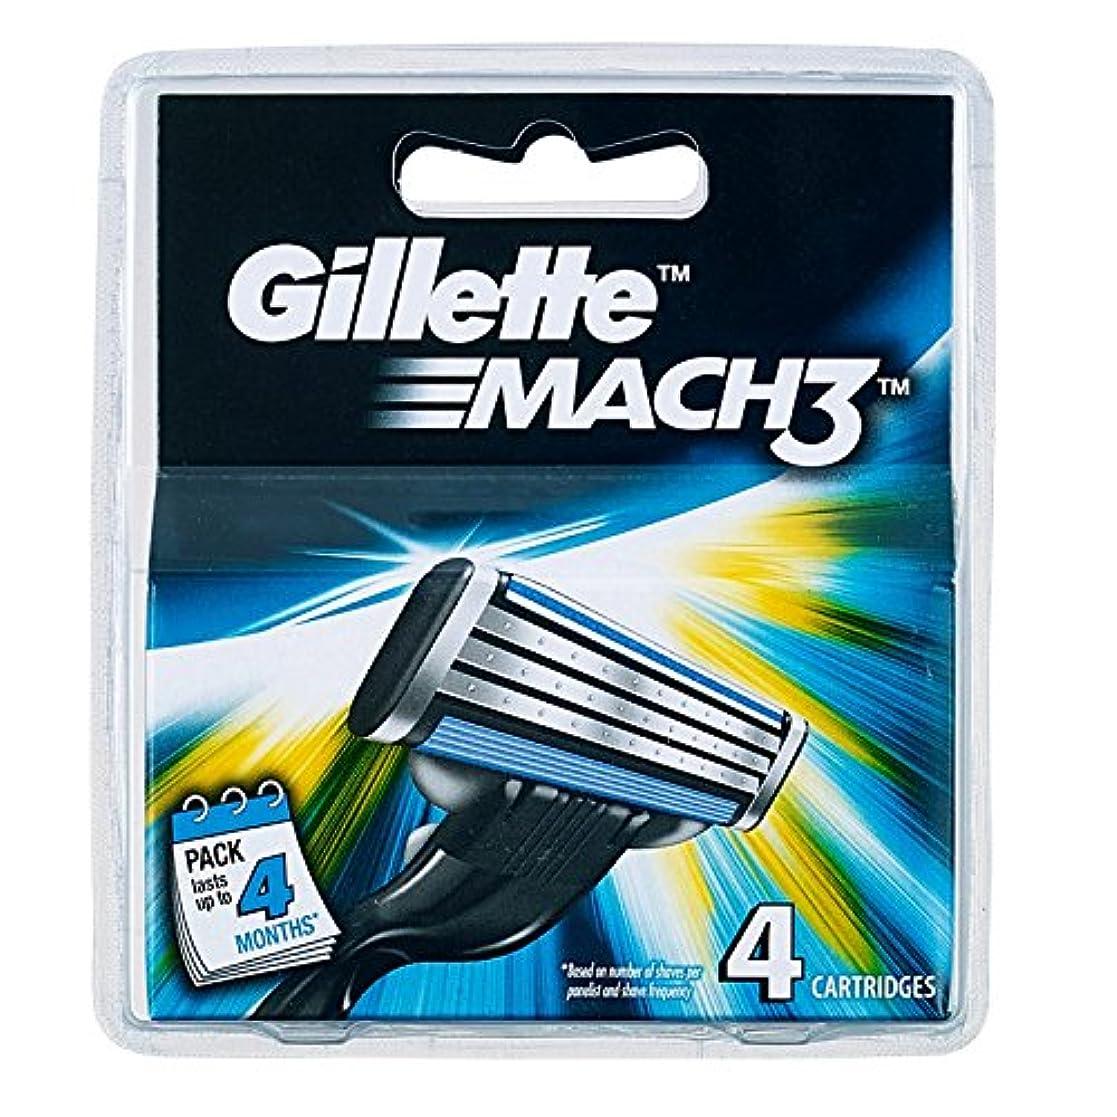 ユーザーアレルギー間欠Gillette MACH3 SHAVING RAZOR CARTRIDGES BLADES 4 Pack [並行輸入品]